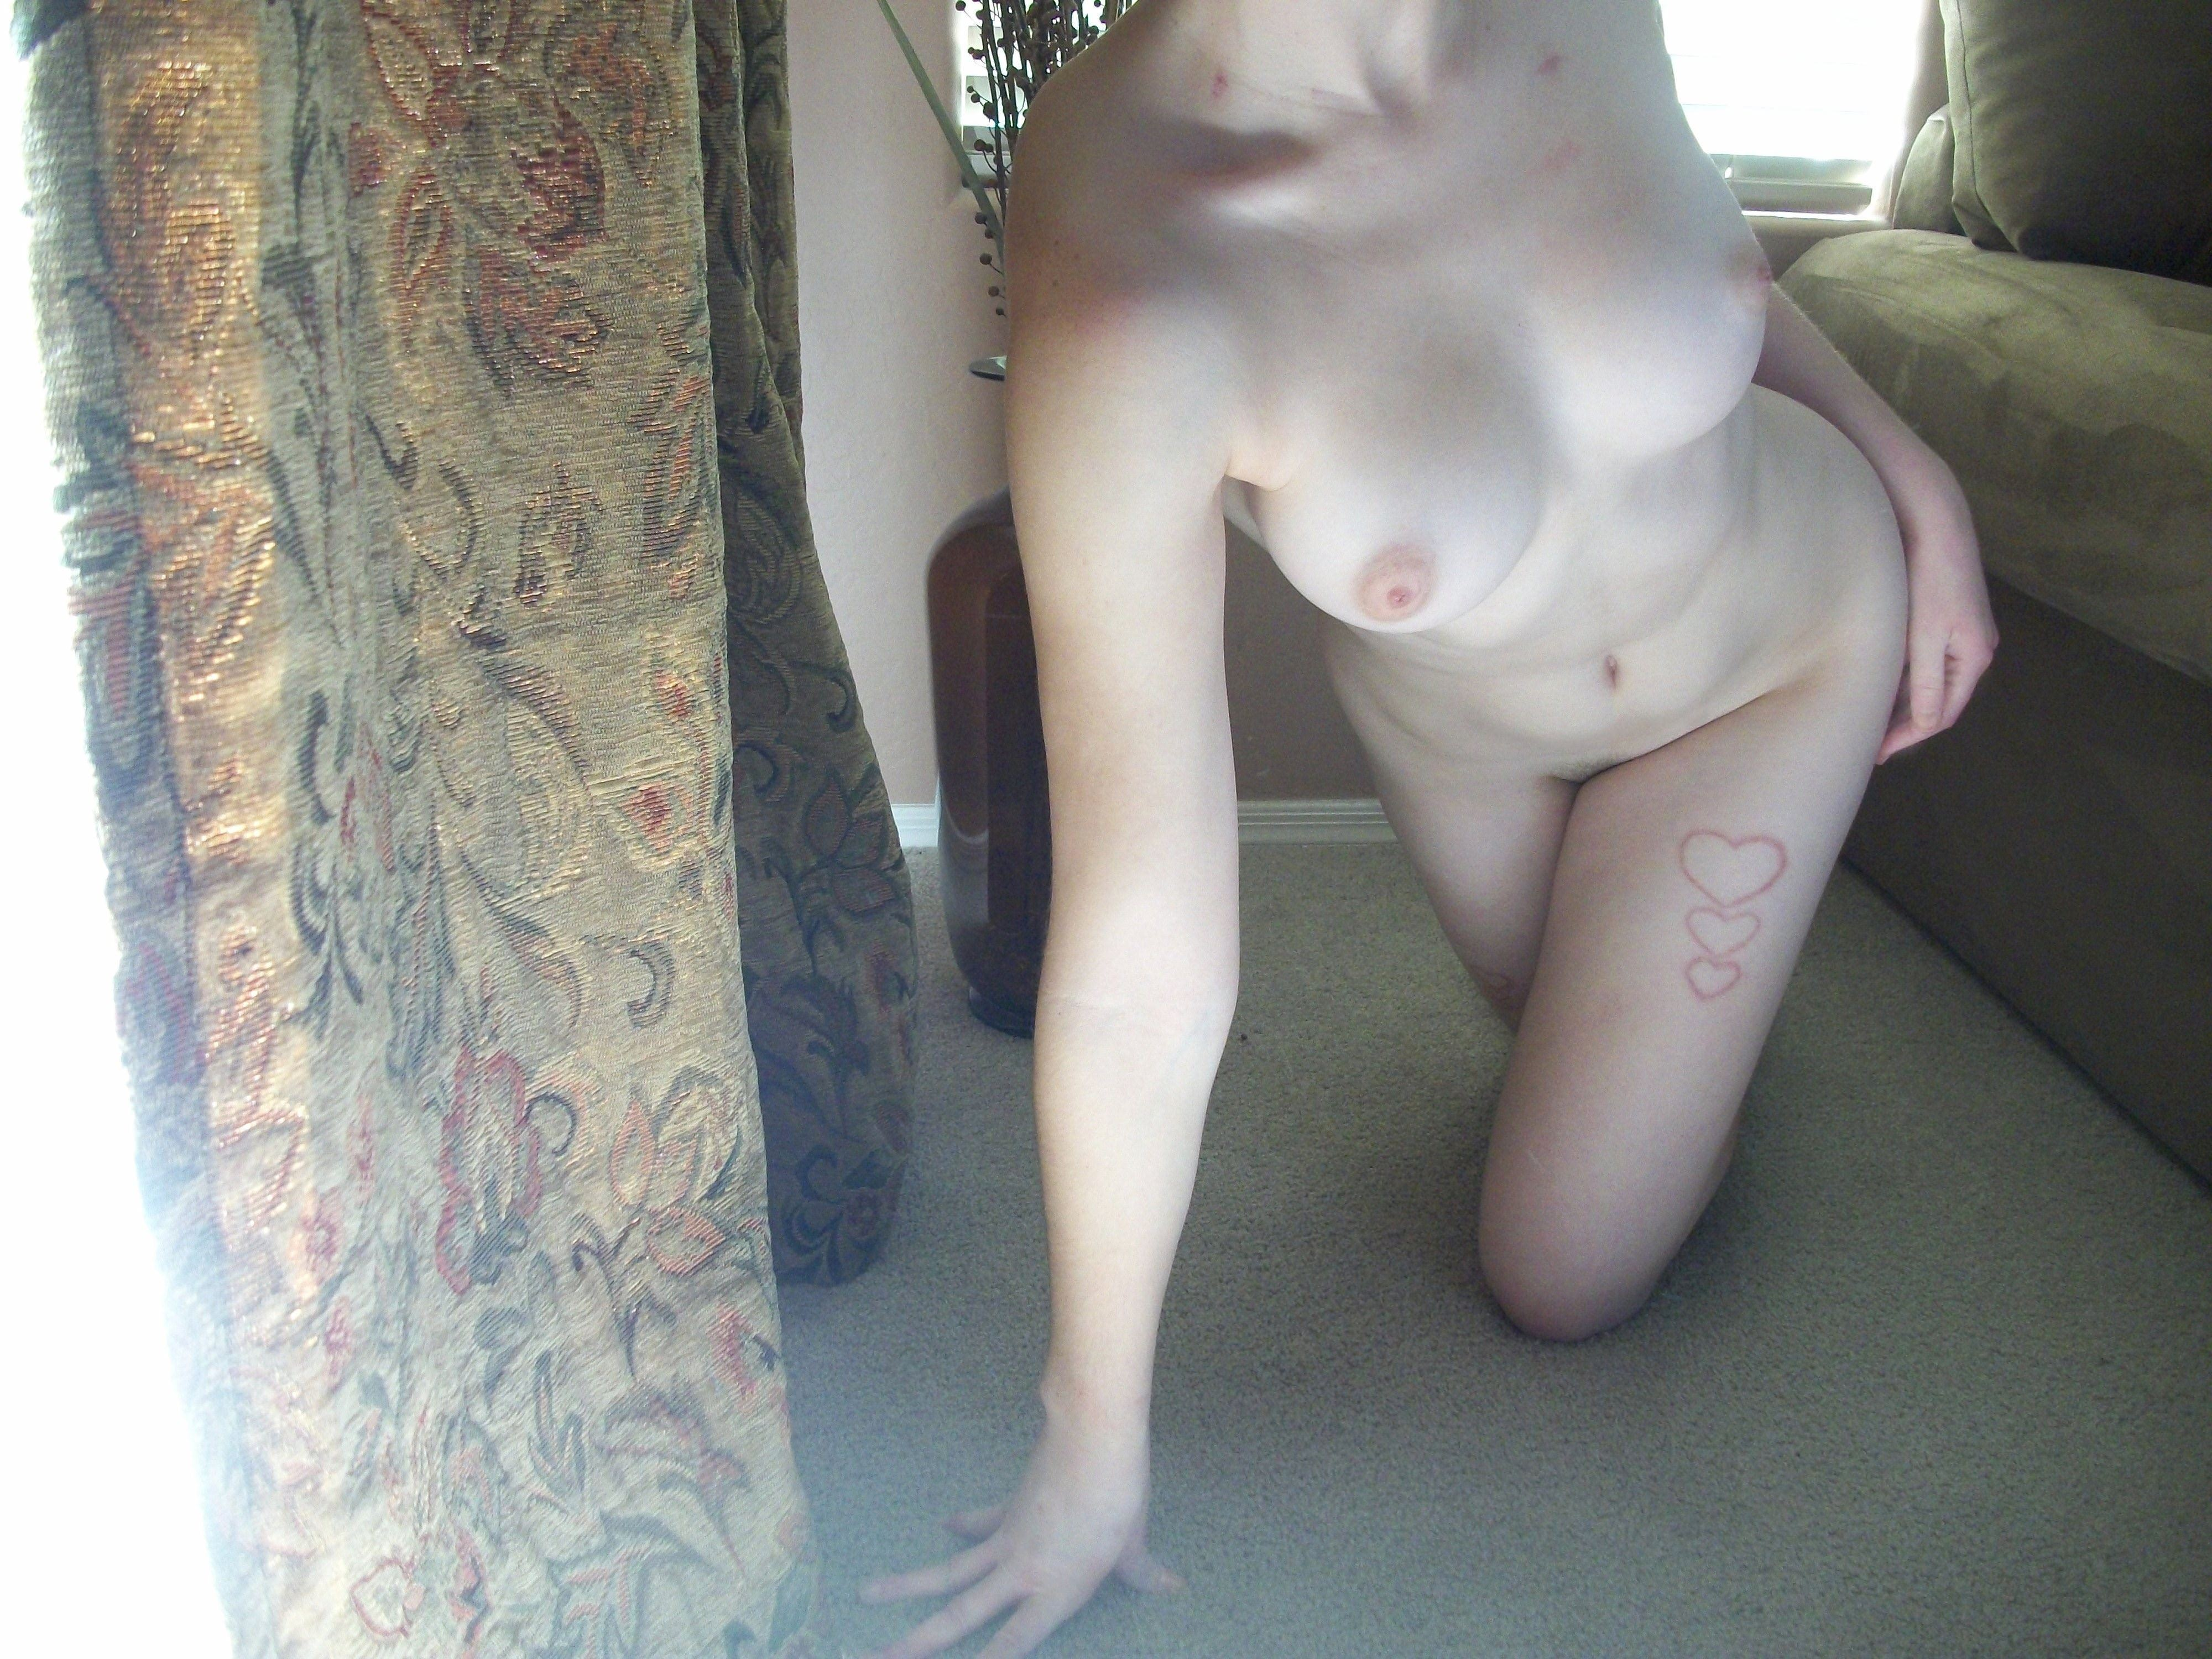 【外人】親に隠れて自宅でこっそりフルヌード自画撮りしてるポルノ画像 12185